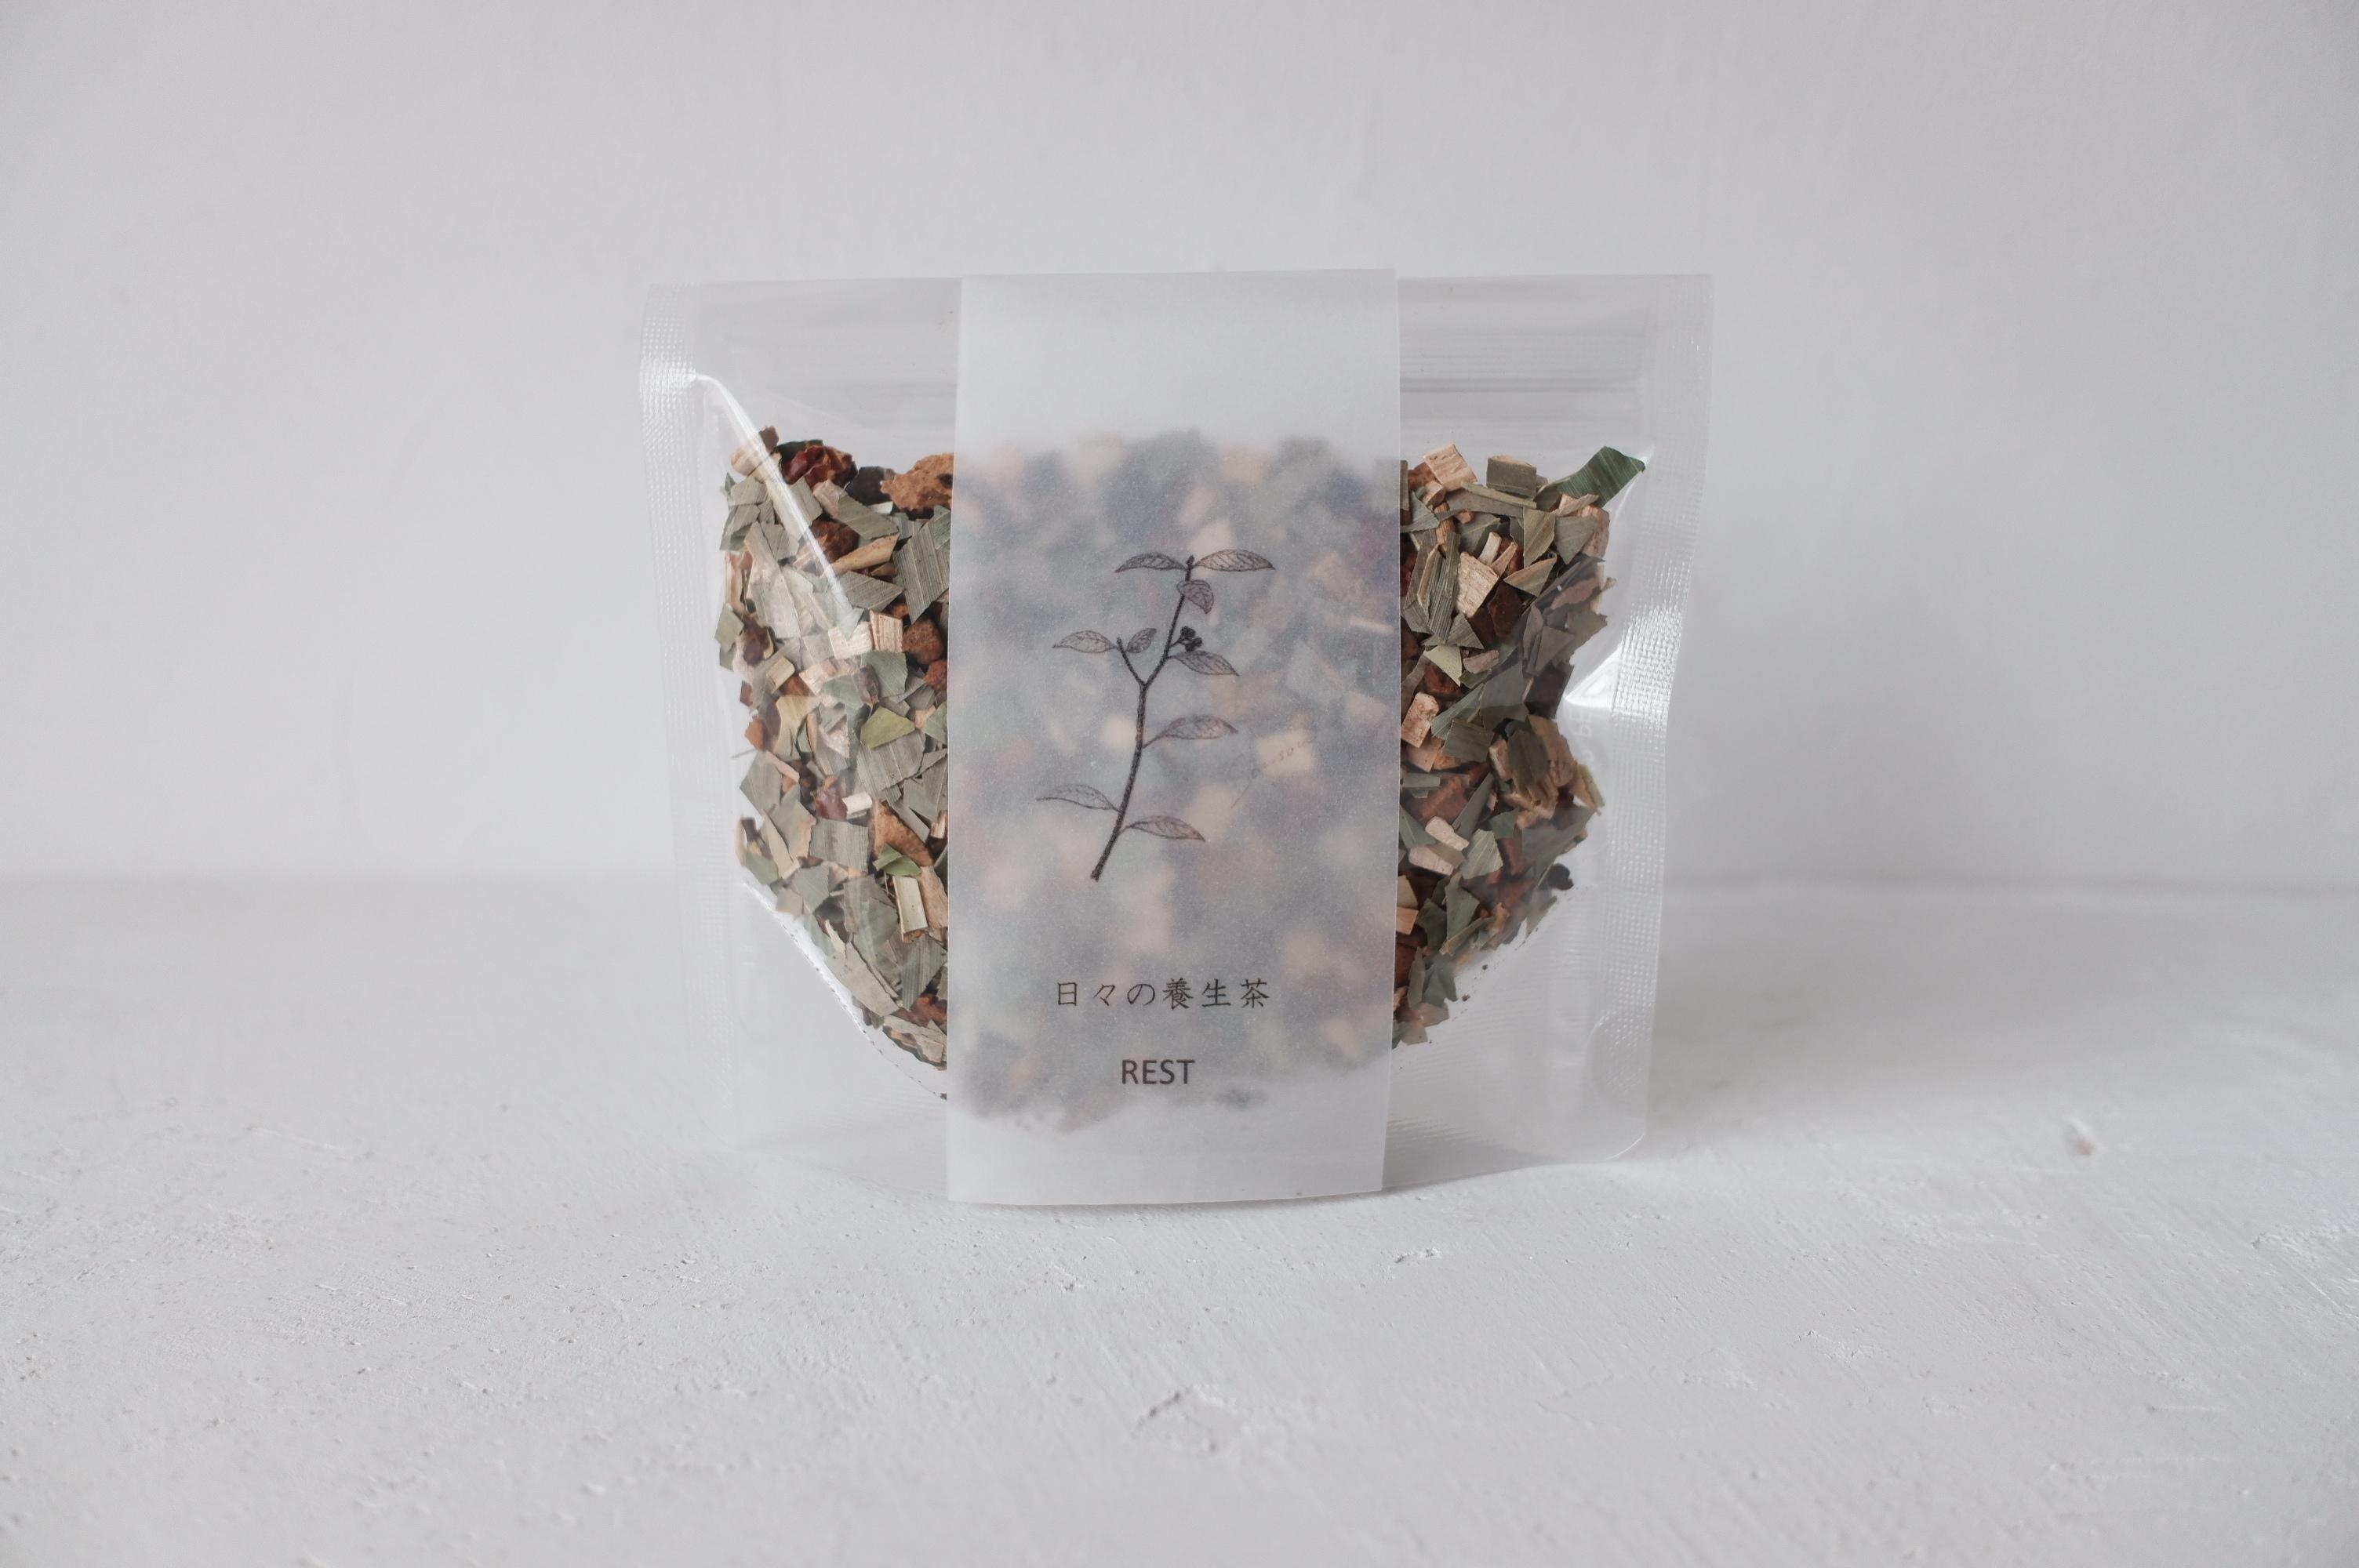 草々 sousou 日々の養生茶 〈 REST 〉 40g